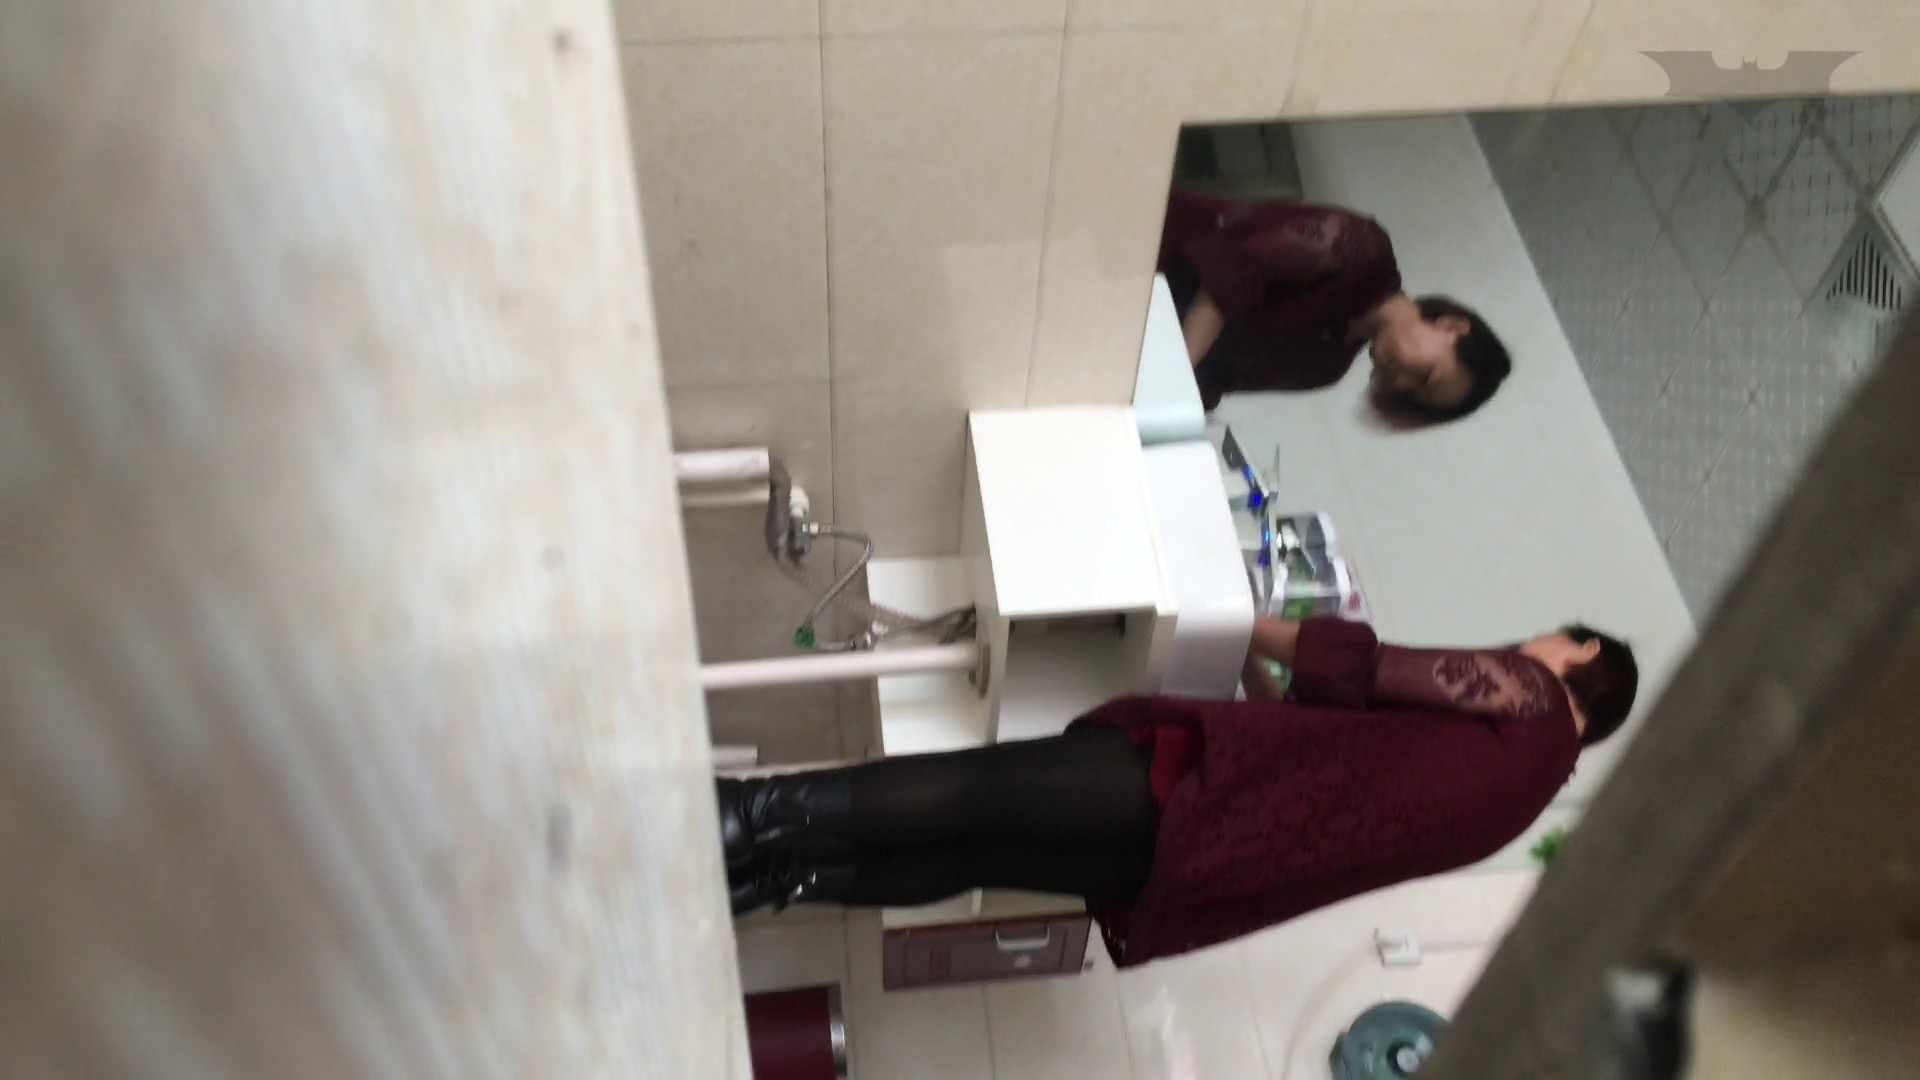 芸術大学ガチ潜入盗撮 JD盗撮 美女の洗面所の秘密 Vol.111 トイレの実態 おまんこ動画流出 49PIX 17